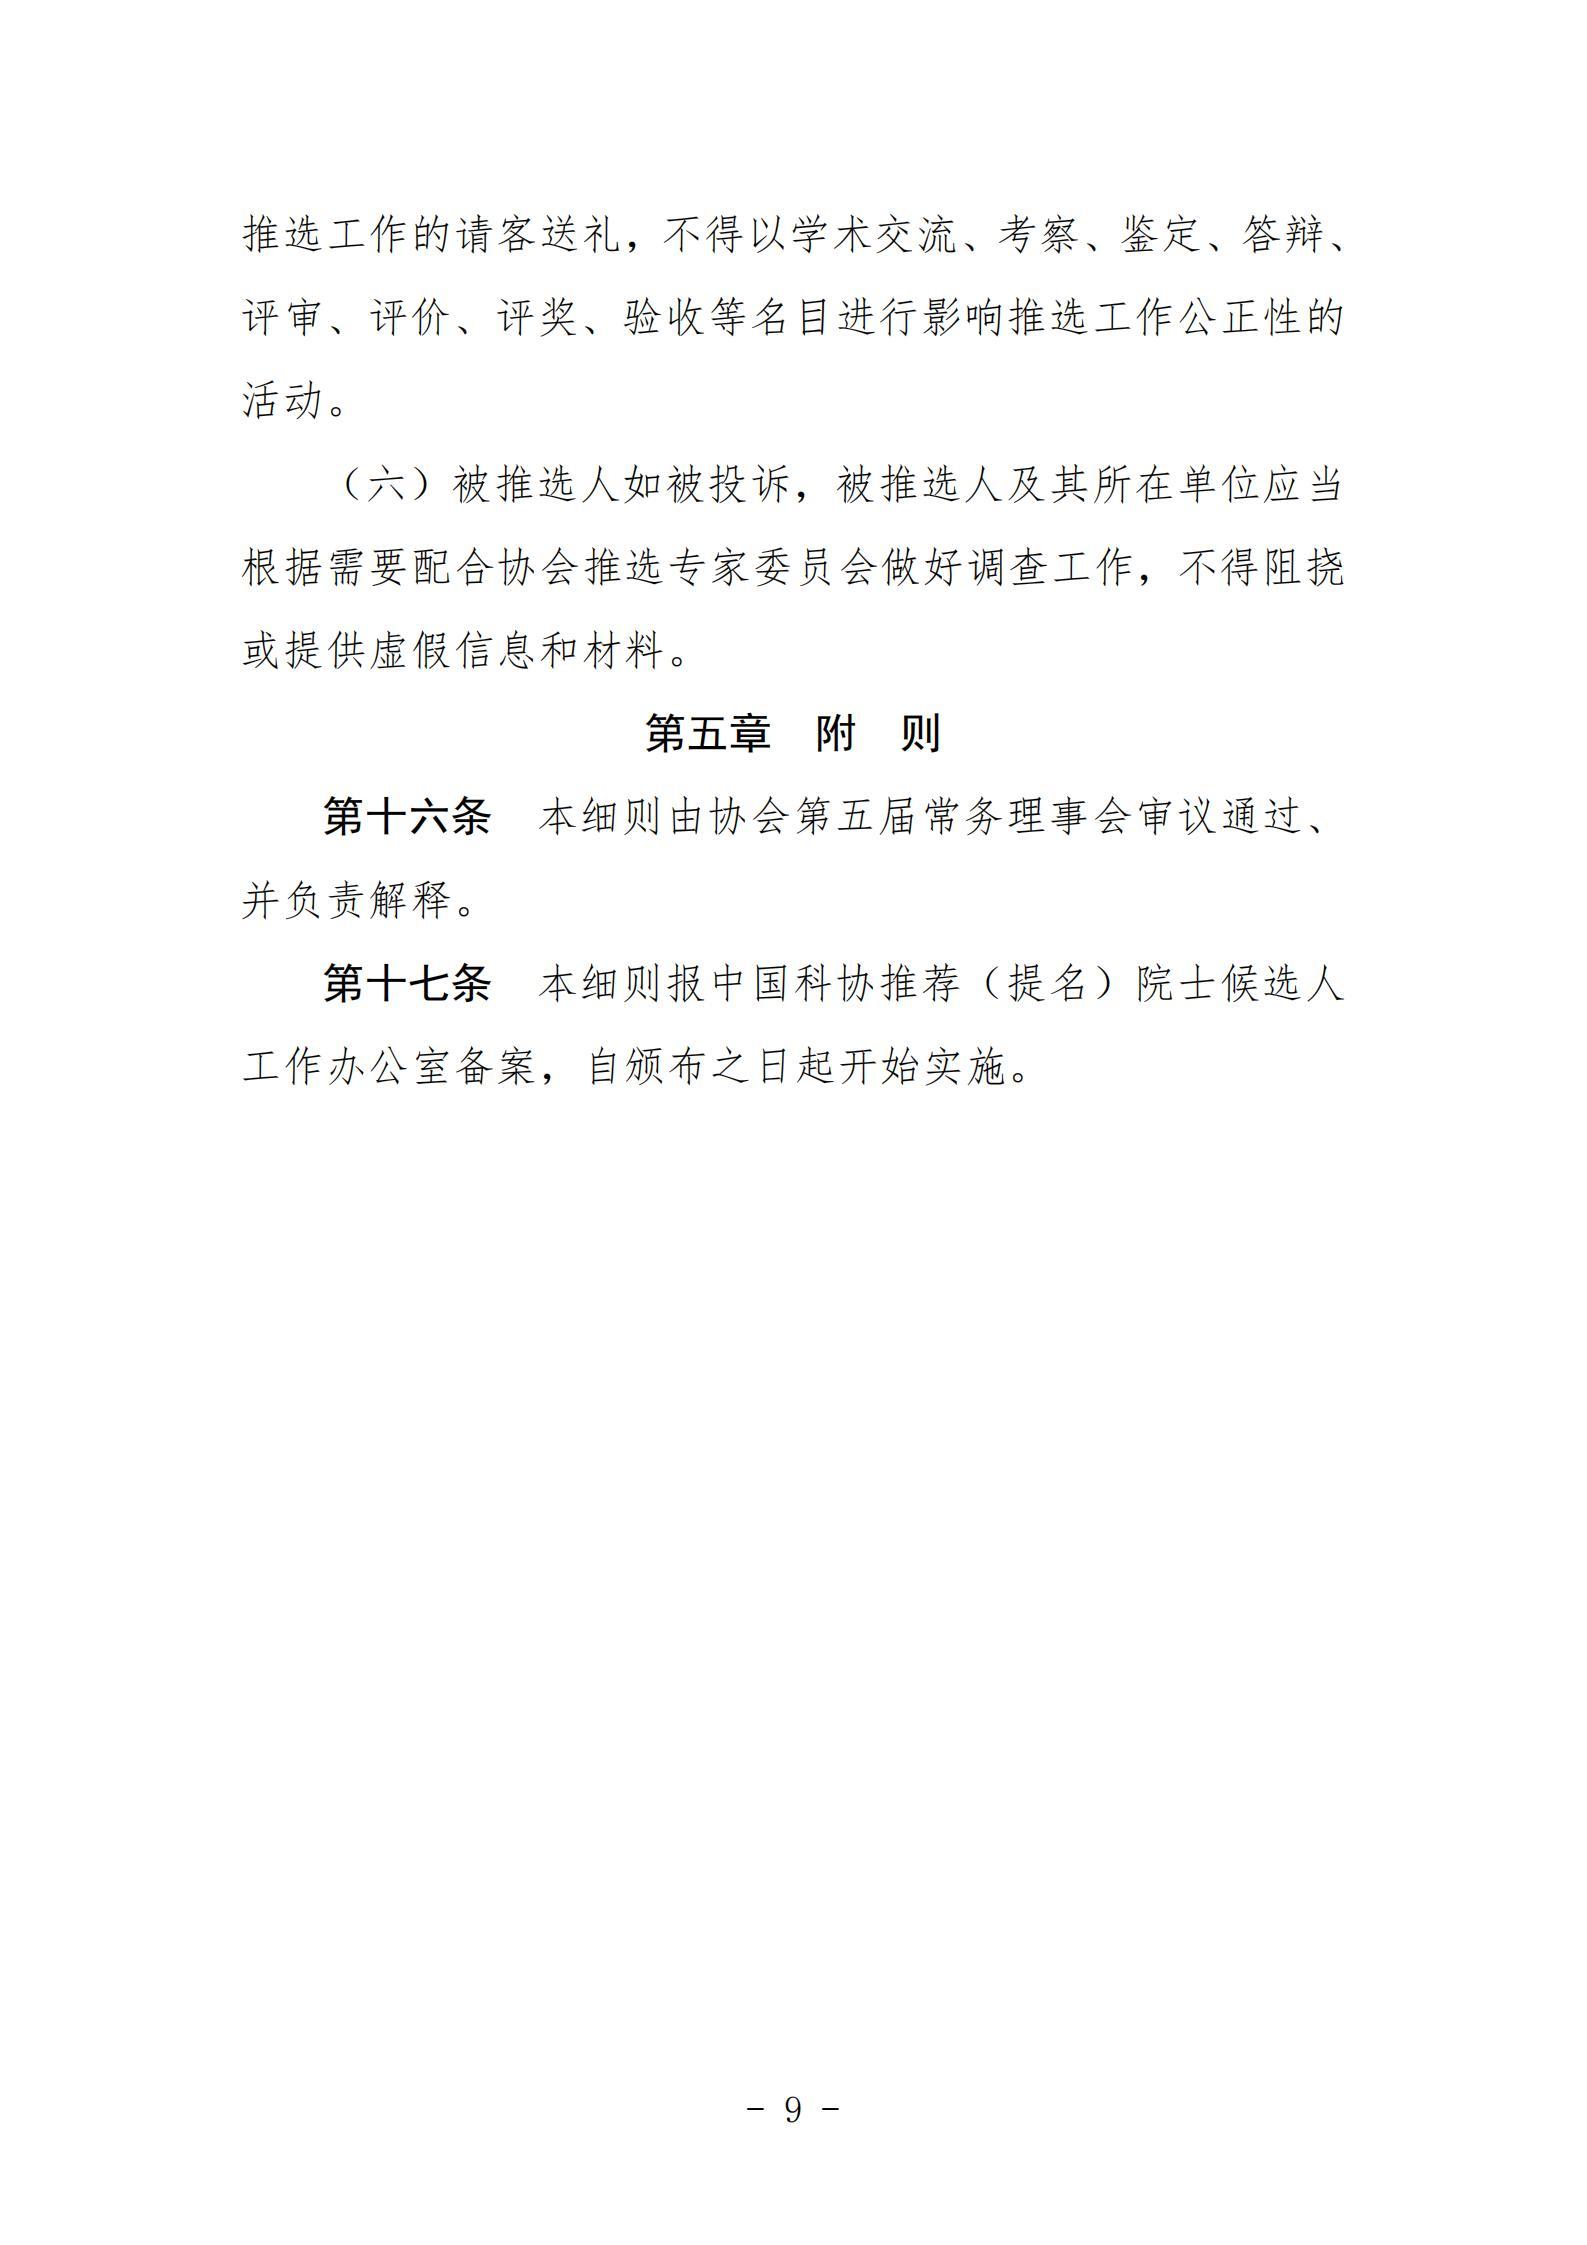 中國遙感應用協會關于組織推選2021年中國科學院和中國工程院院士候選人的通知_14.jpg